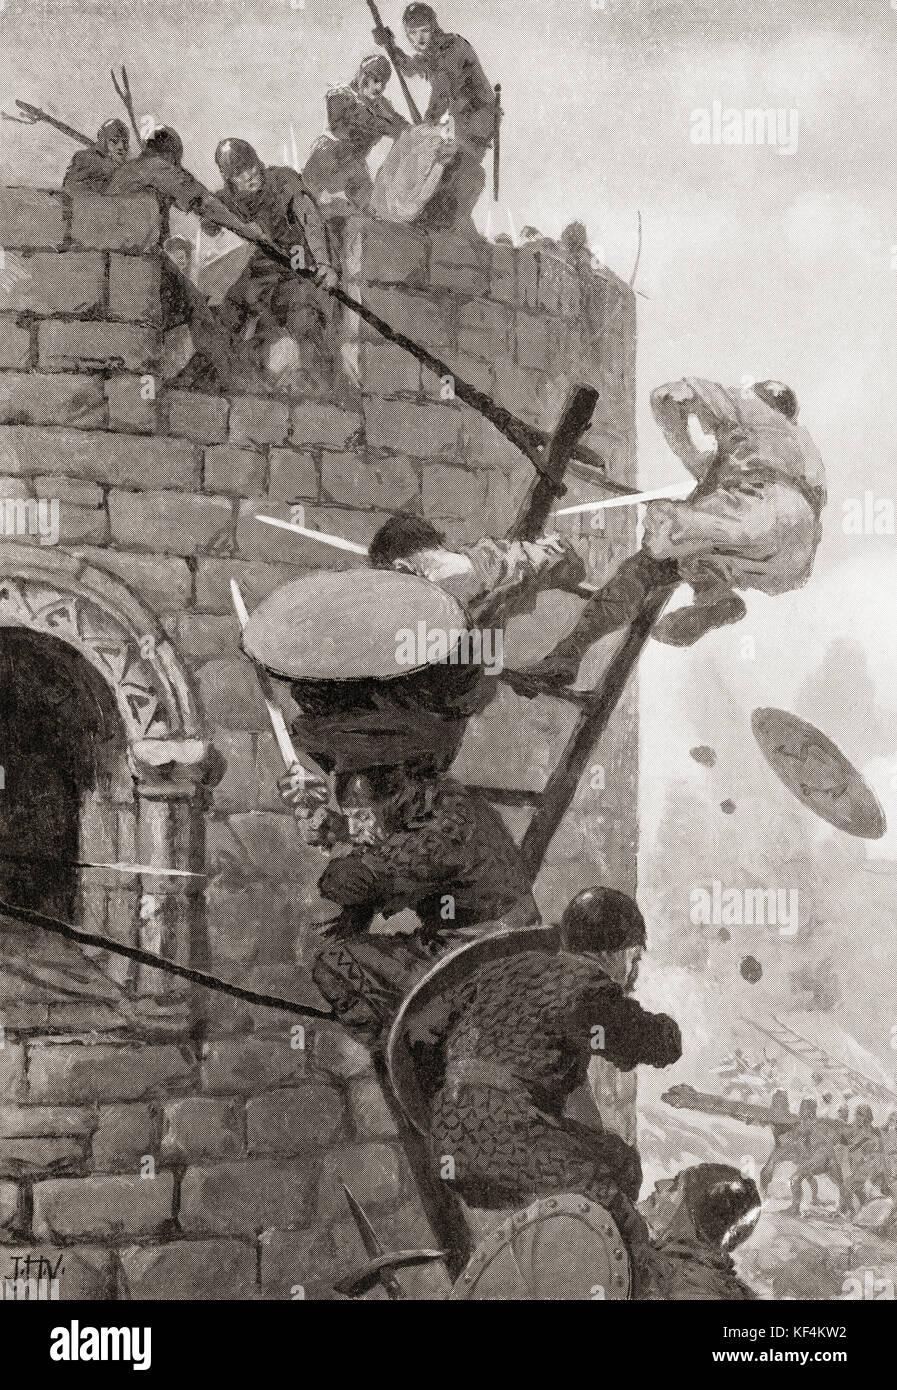 L'assedio di Carmarthen Castle, Galles da cadell ap gruffydd nel 1146. Da hutchinson nella storia delle nazioni, Immagini Stock